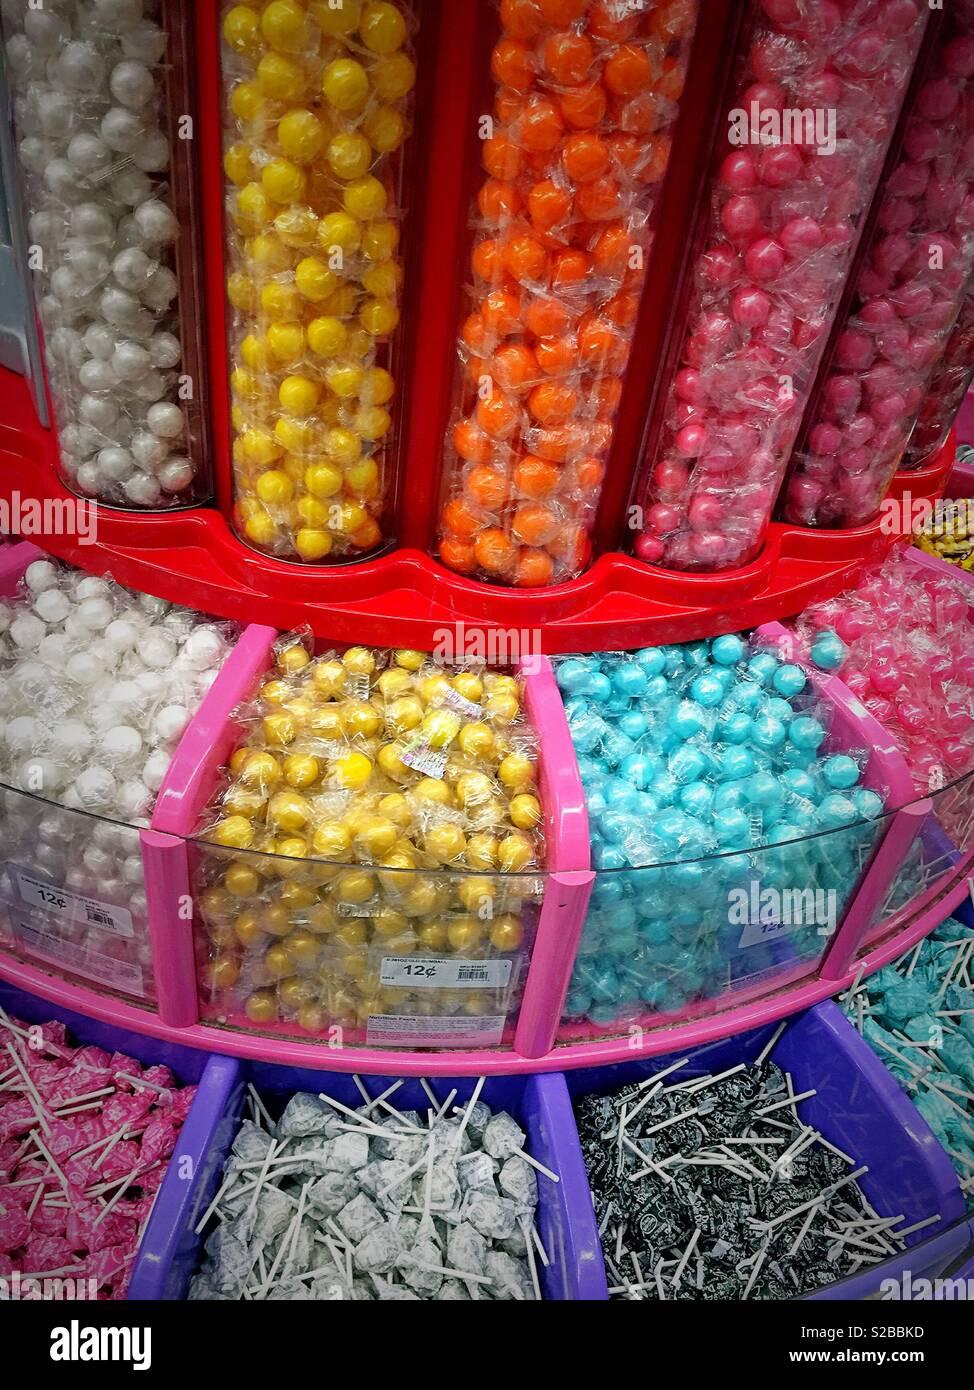 Candy Anzeige in einem Einzelhandelsgeschäft, USA Stockbild